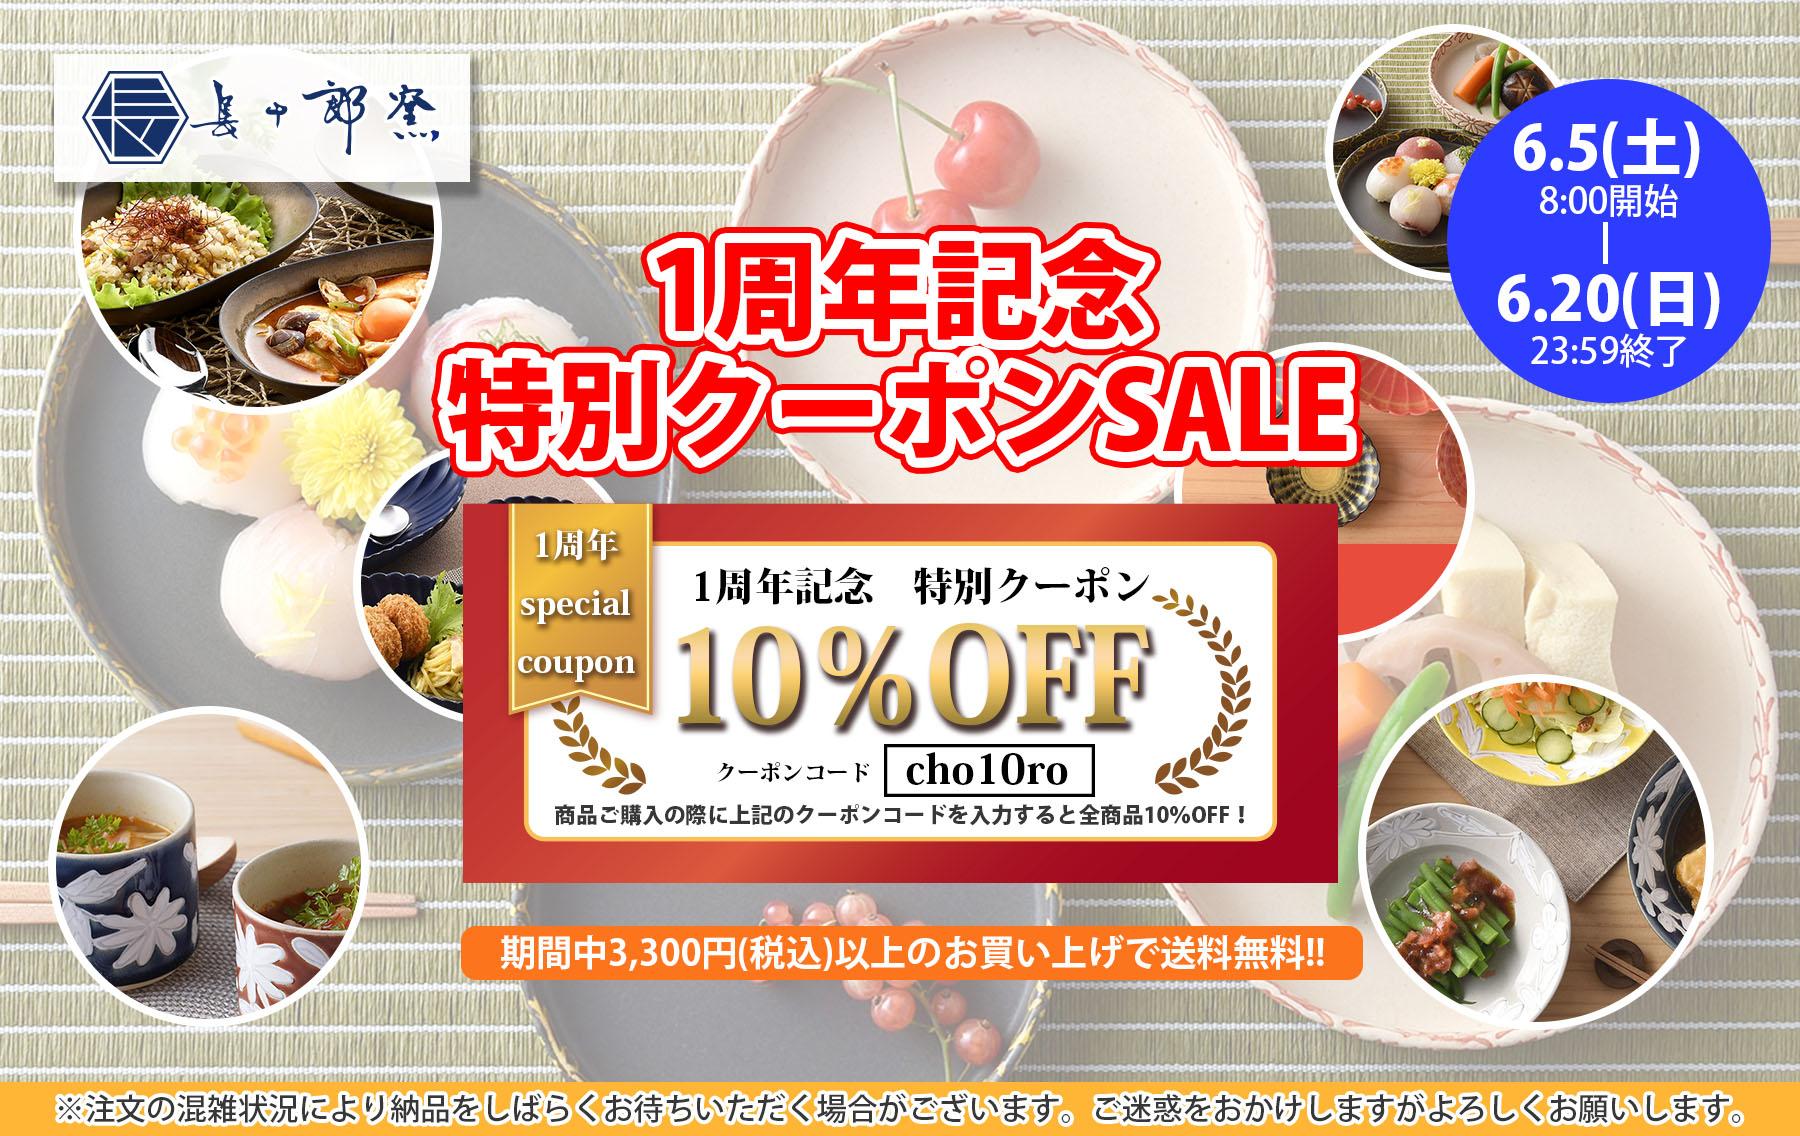 長十郎窯 1周年記念特別クーポンセールを開催します